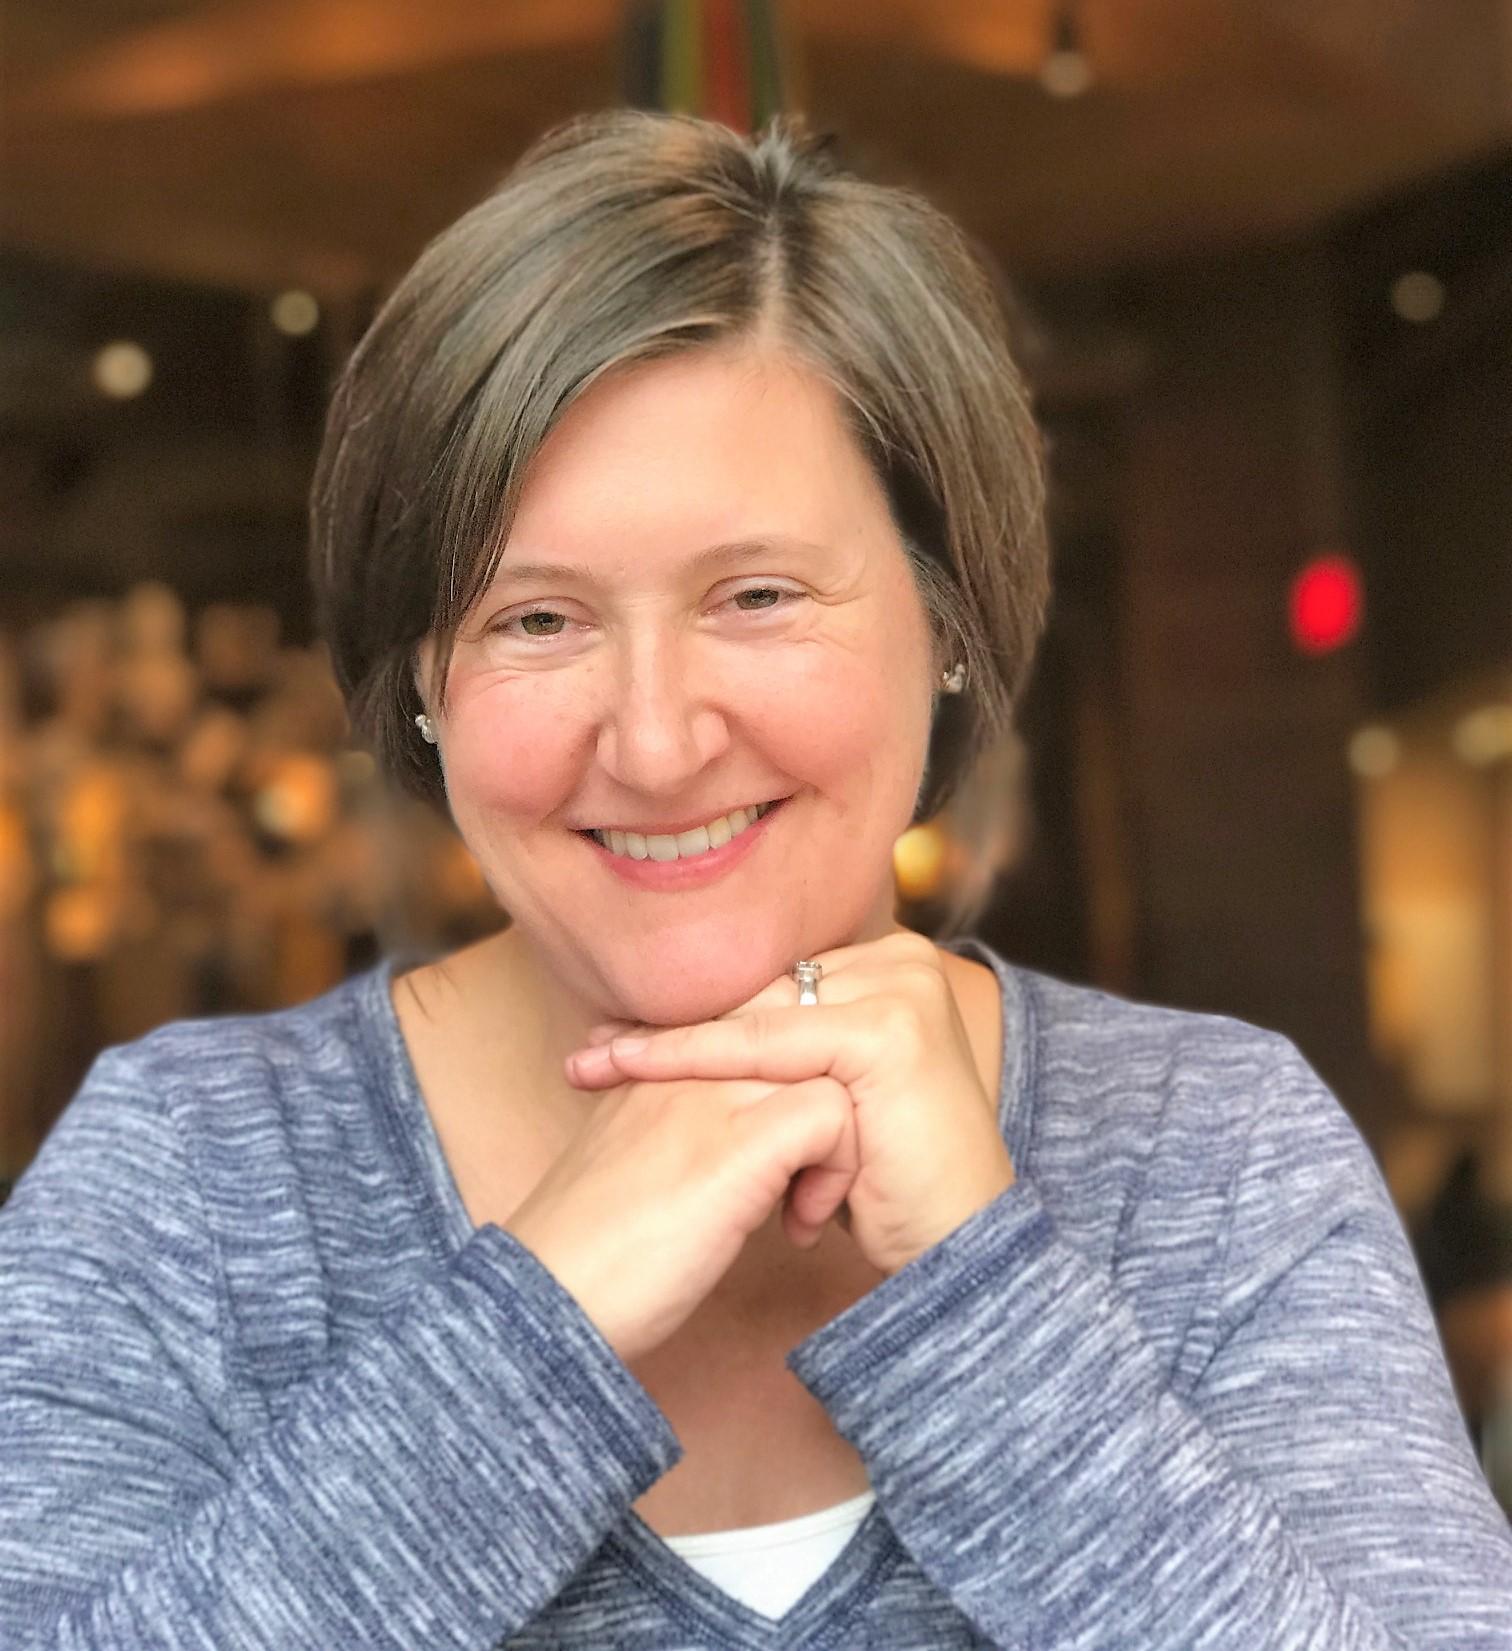 Melissa Coughlin